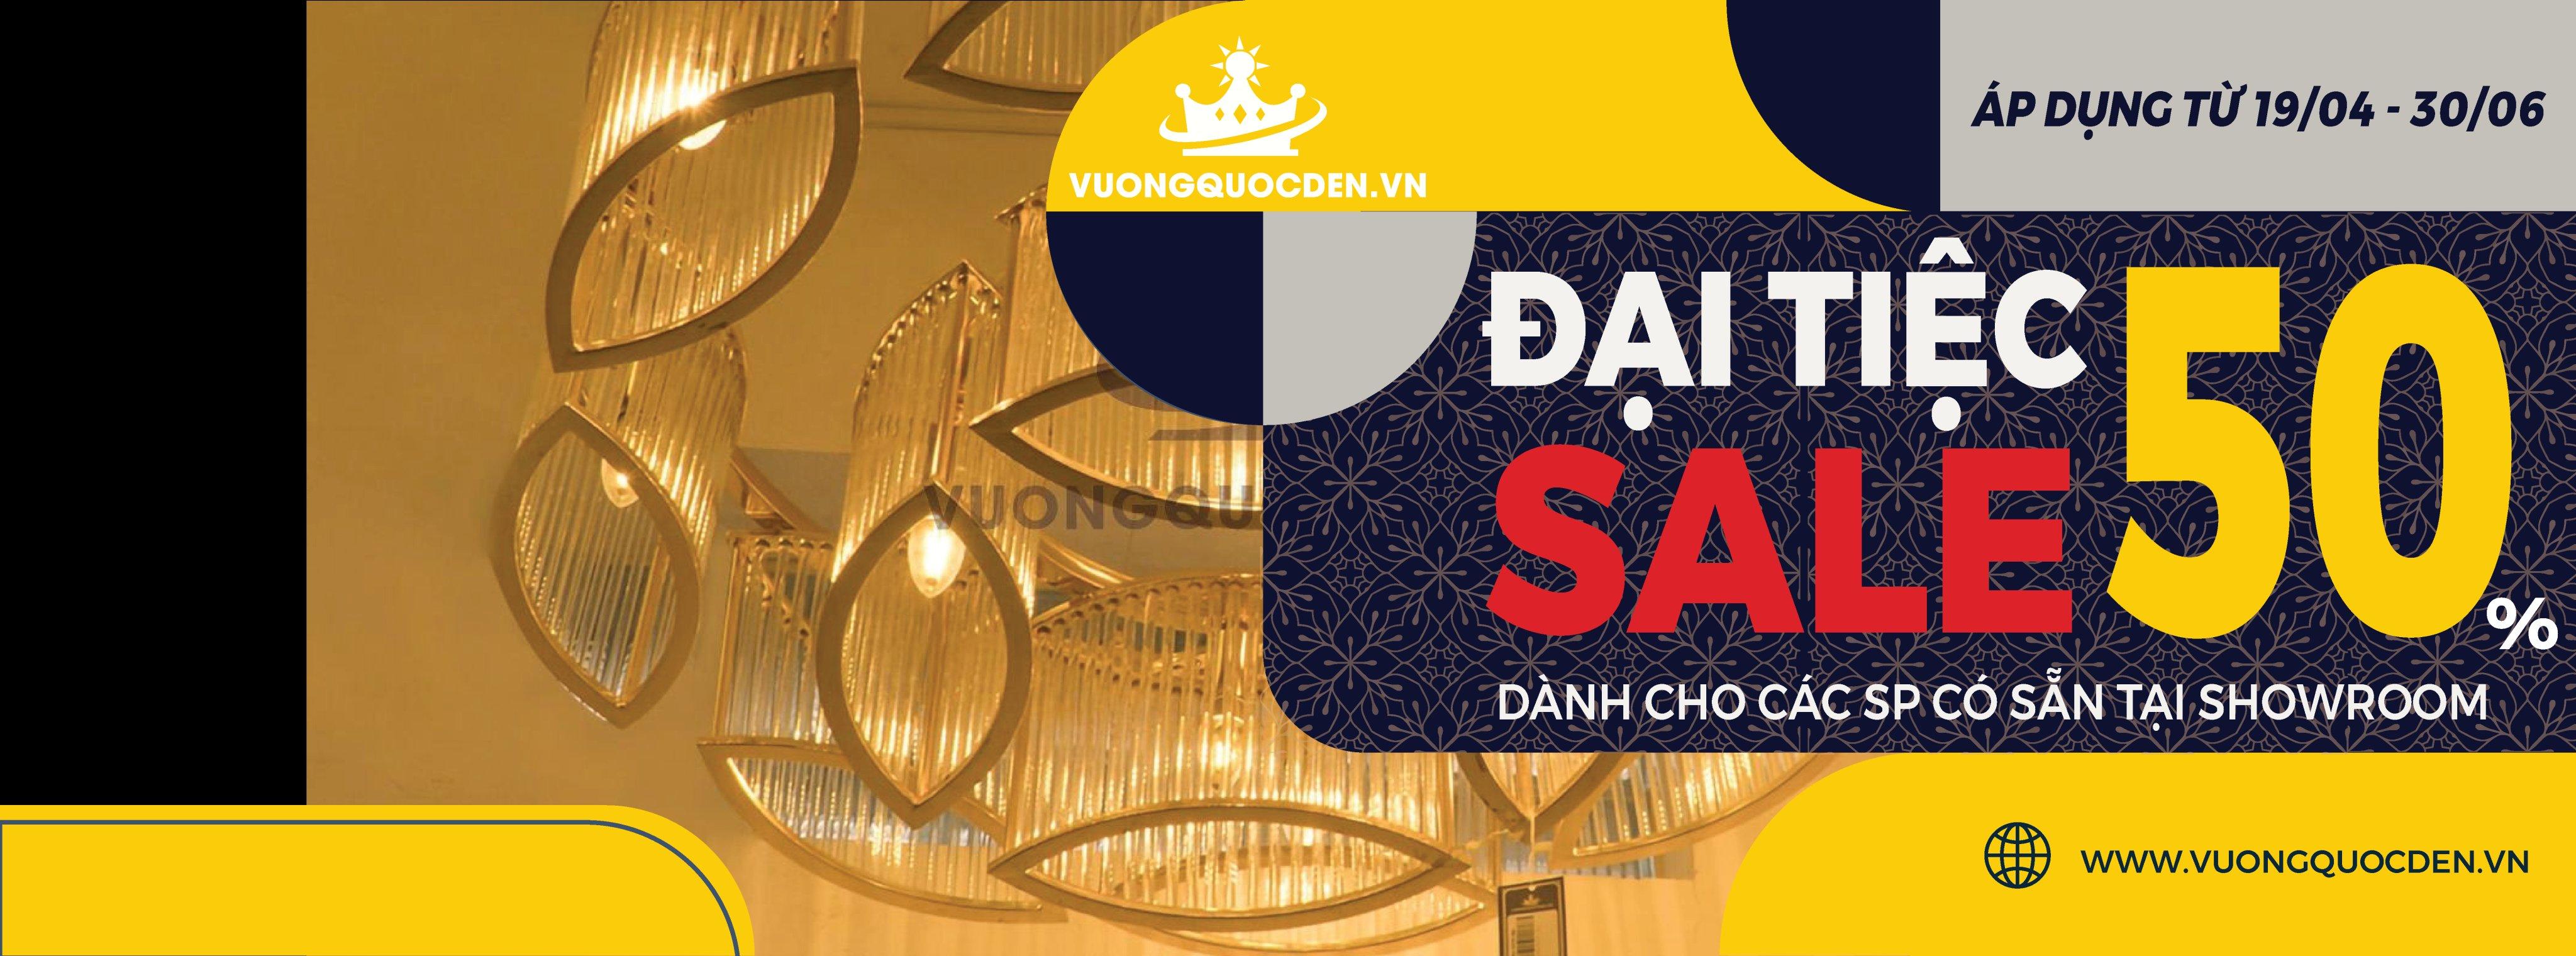 Nhanh chân kẻo lỡ: Đại tiệc sale, giảm giá 50% tất cả các mẫu đèn tại Vương Quốc Đèn